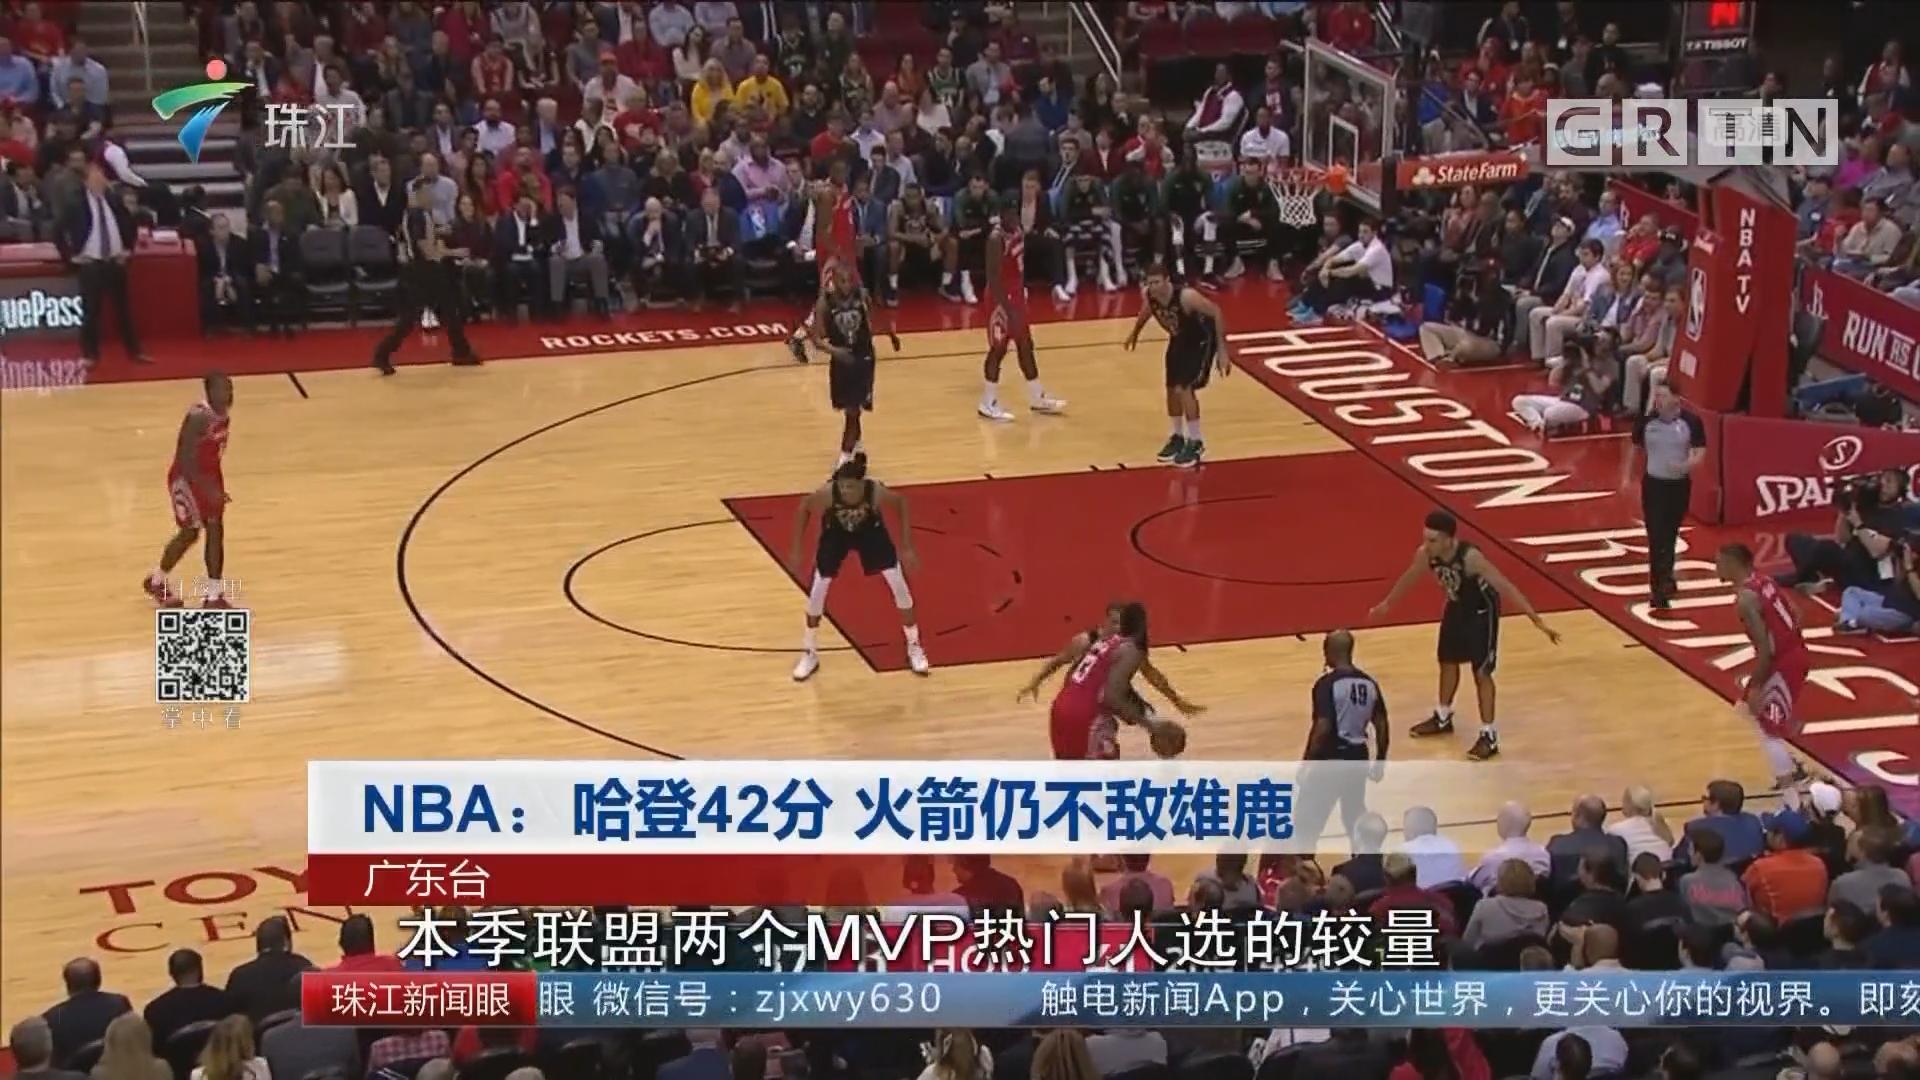 NBA:哈登42分 火箭仍不敌雄鹿